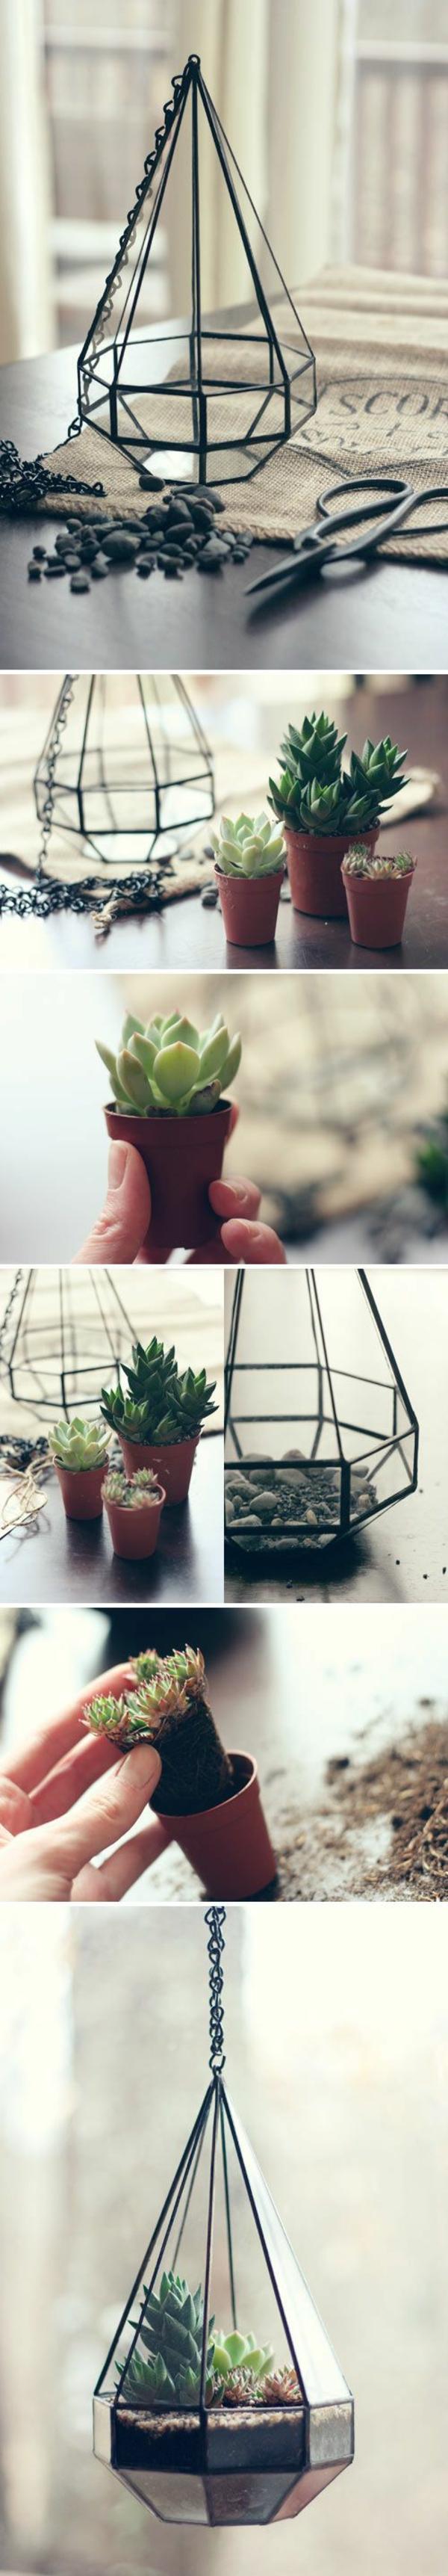 terrarium pflanzen terrarium selber bauen dekoartikel ideen